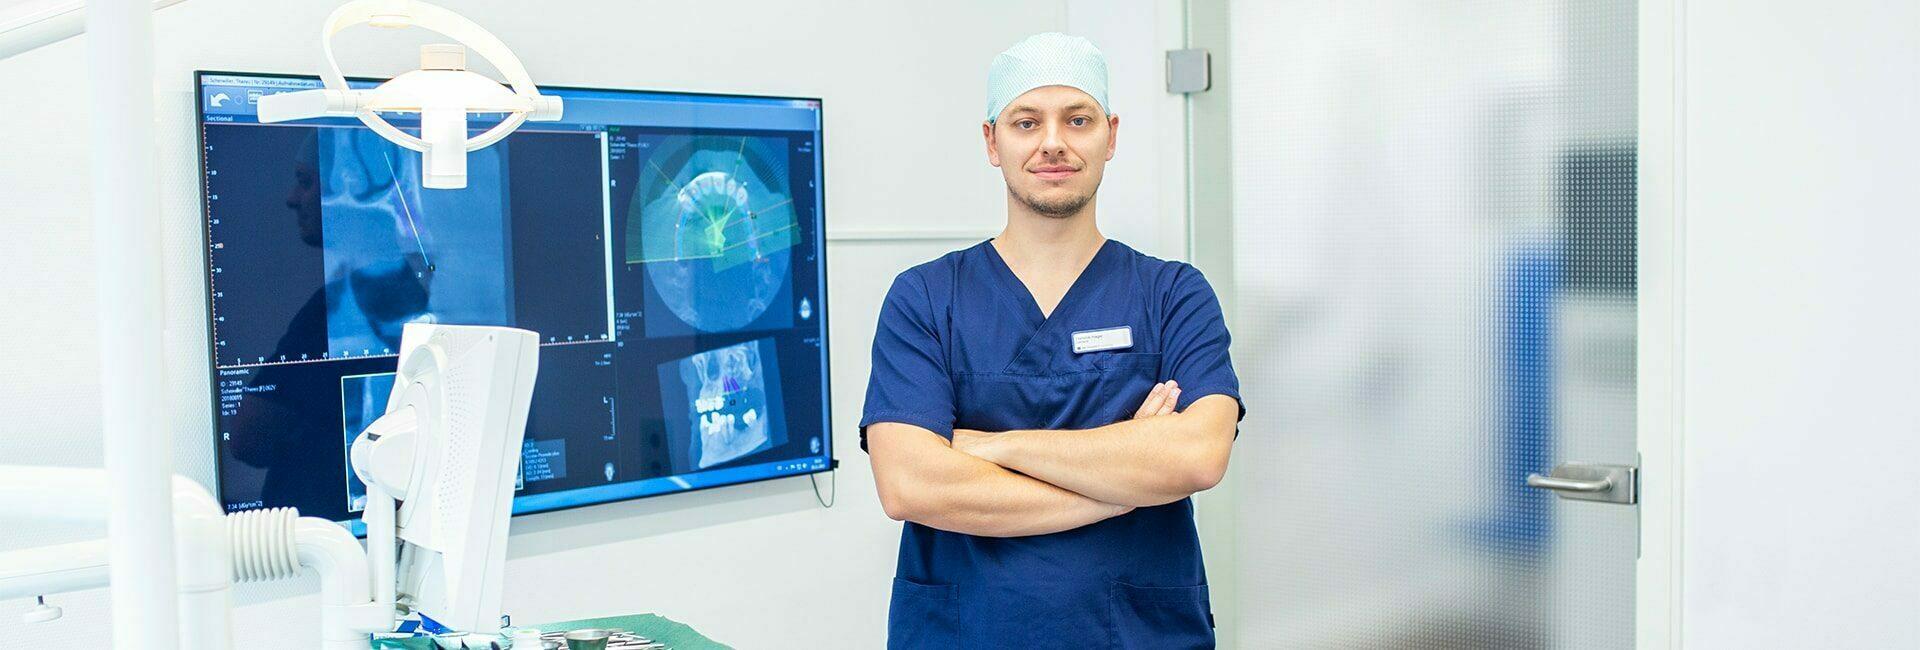 Zahnarzt Dominik Hager steht im Behandlungszimmer